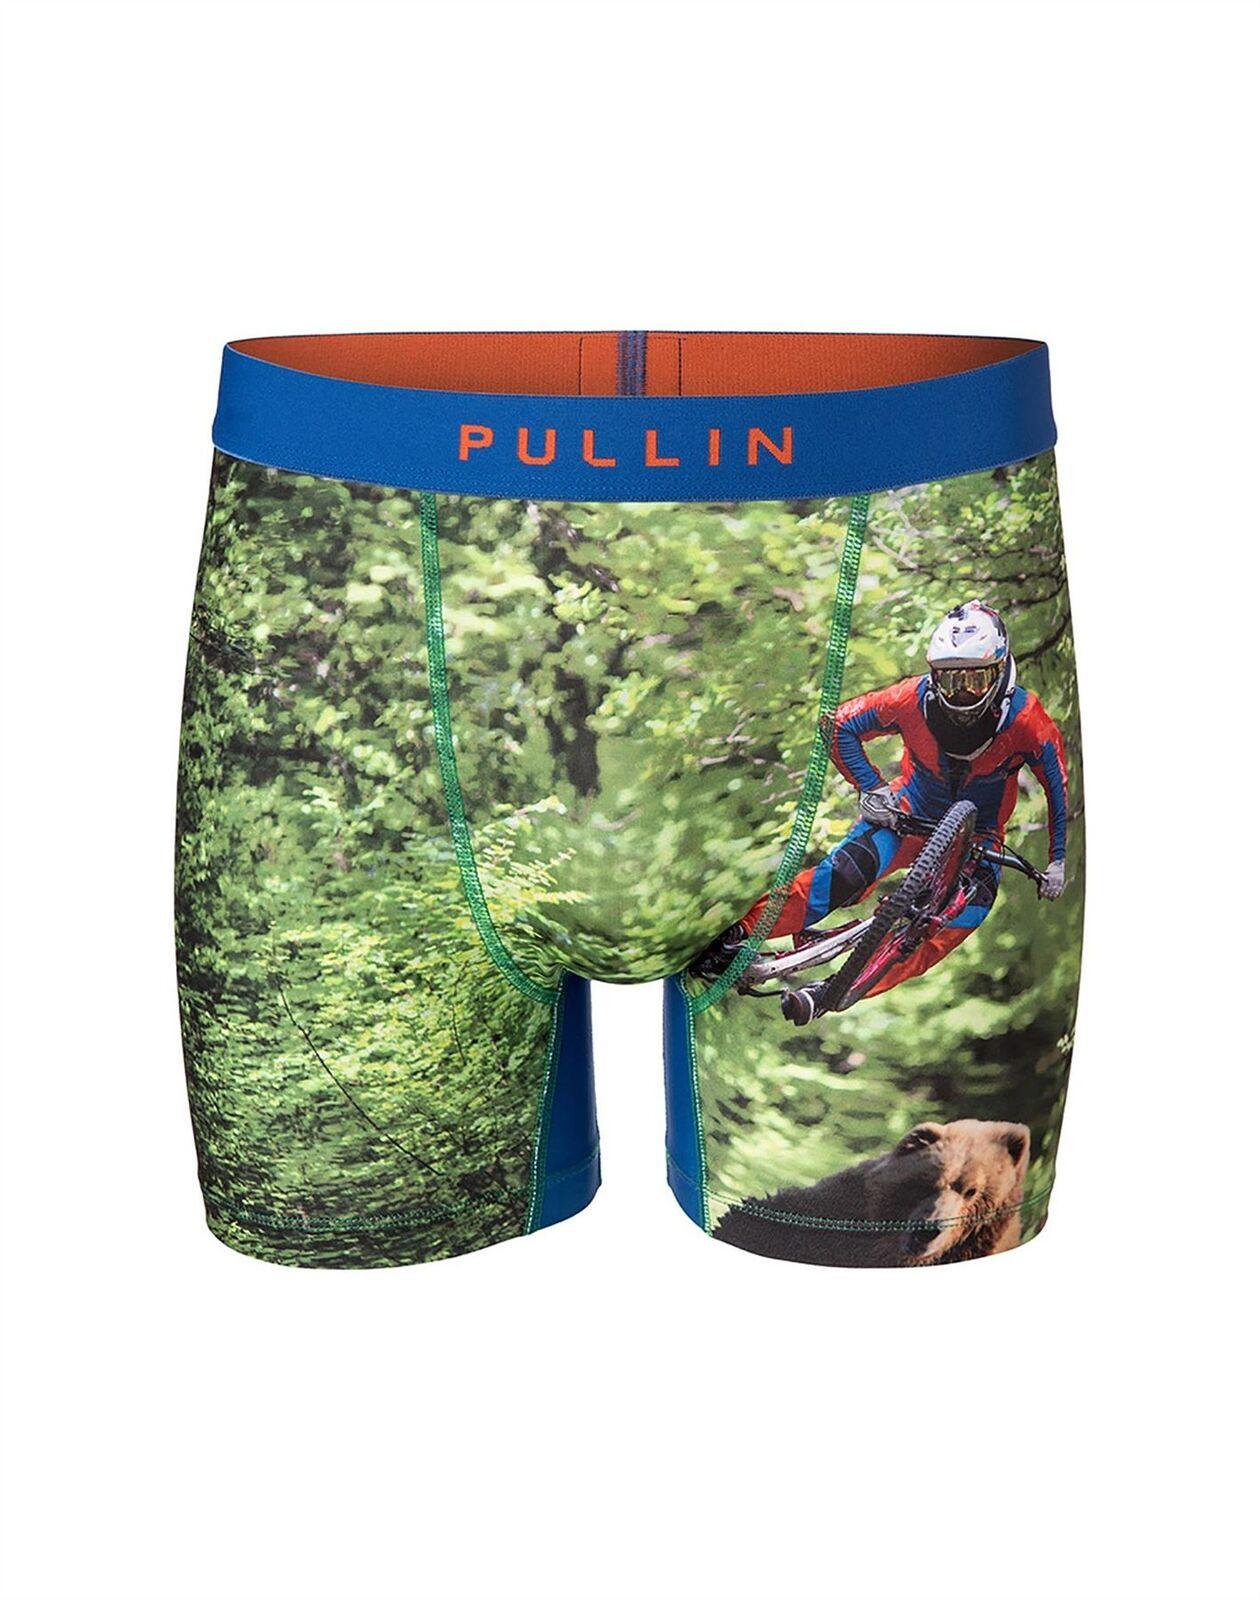 Pullin Fashion Boxer Shorts  FA2 Biclou         Langfristiger Ruf    Exquisite (in) Verarbeitung    Schnelle Lieferung    Spielzeugwelt, glücklich und grenzenlos    Neuer Stil  8b0bd8